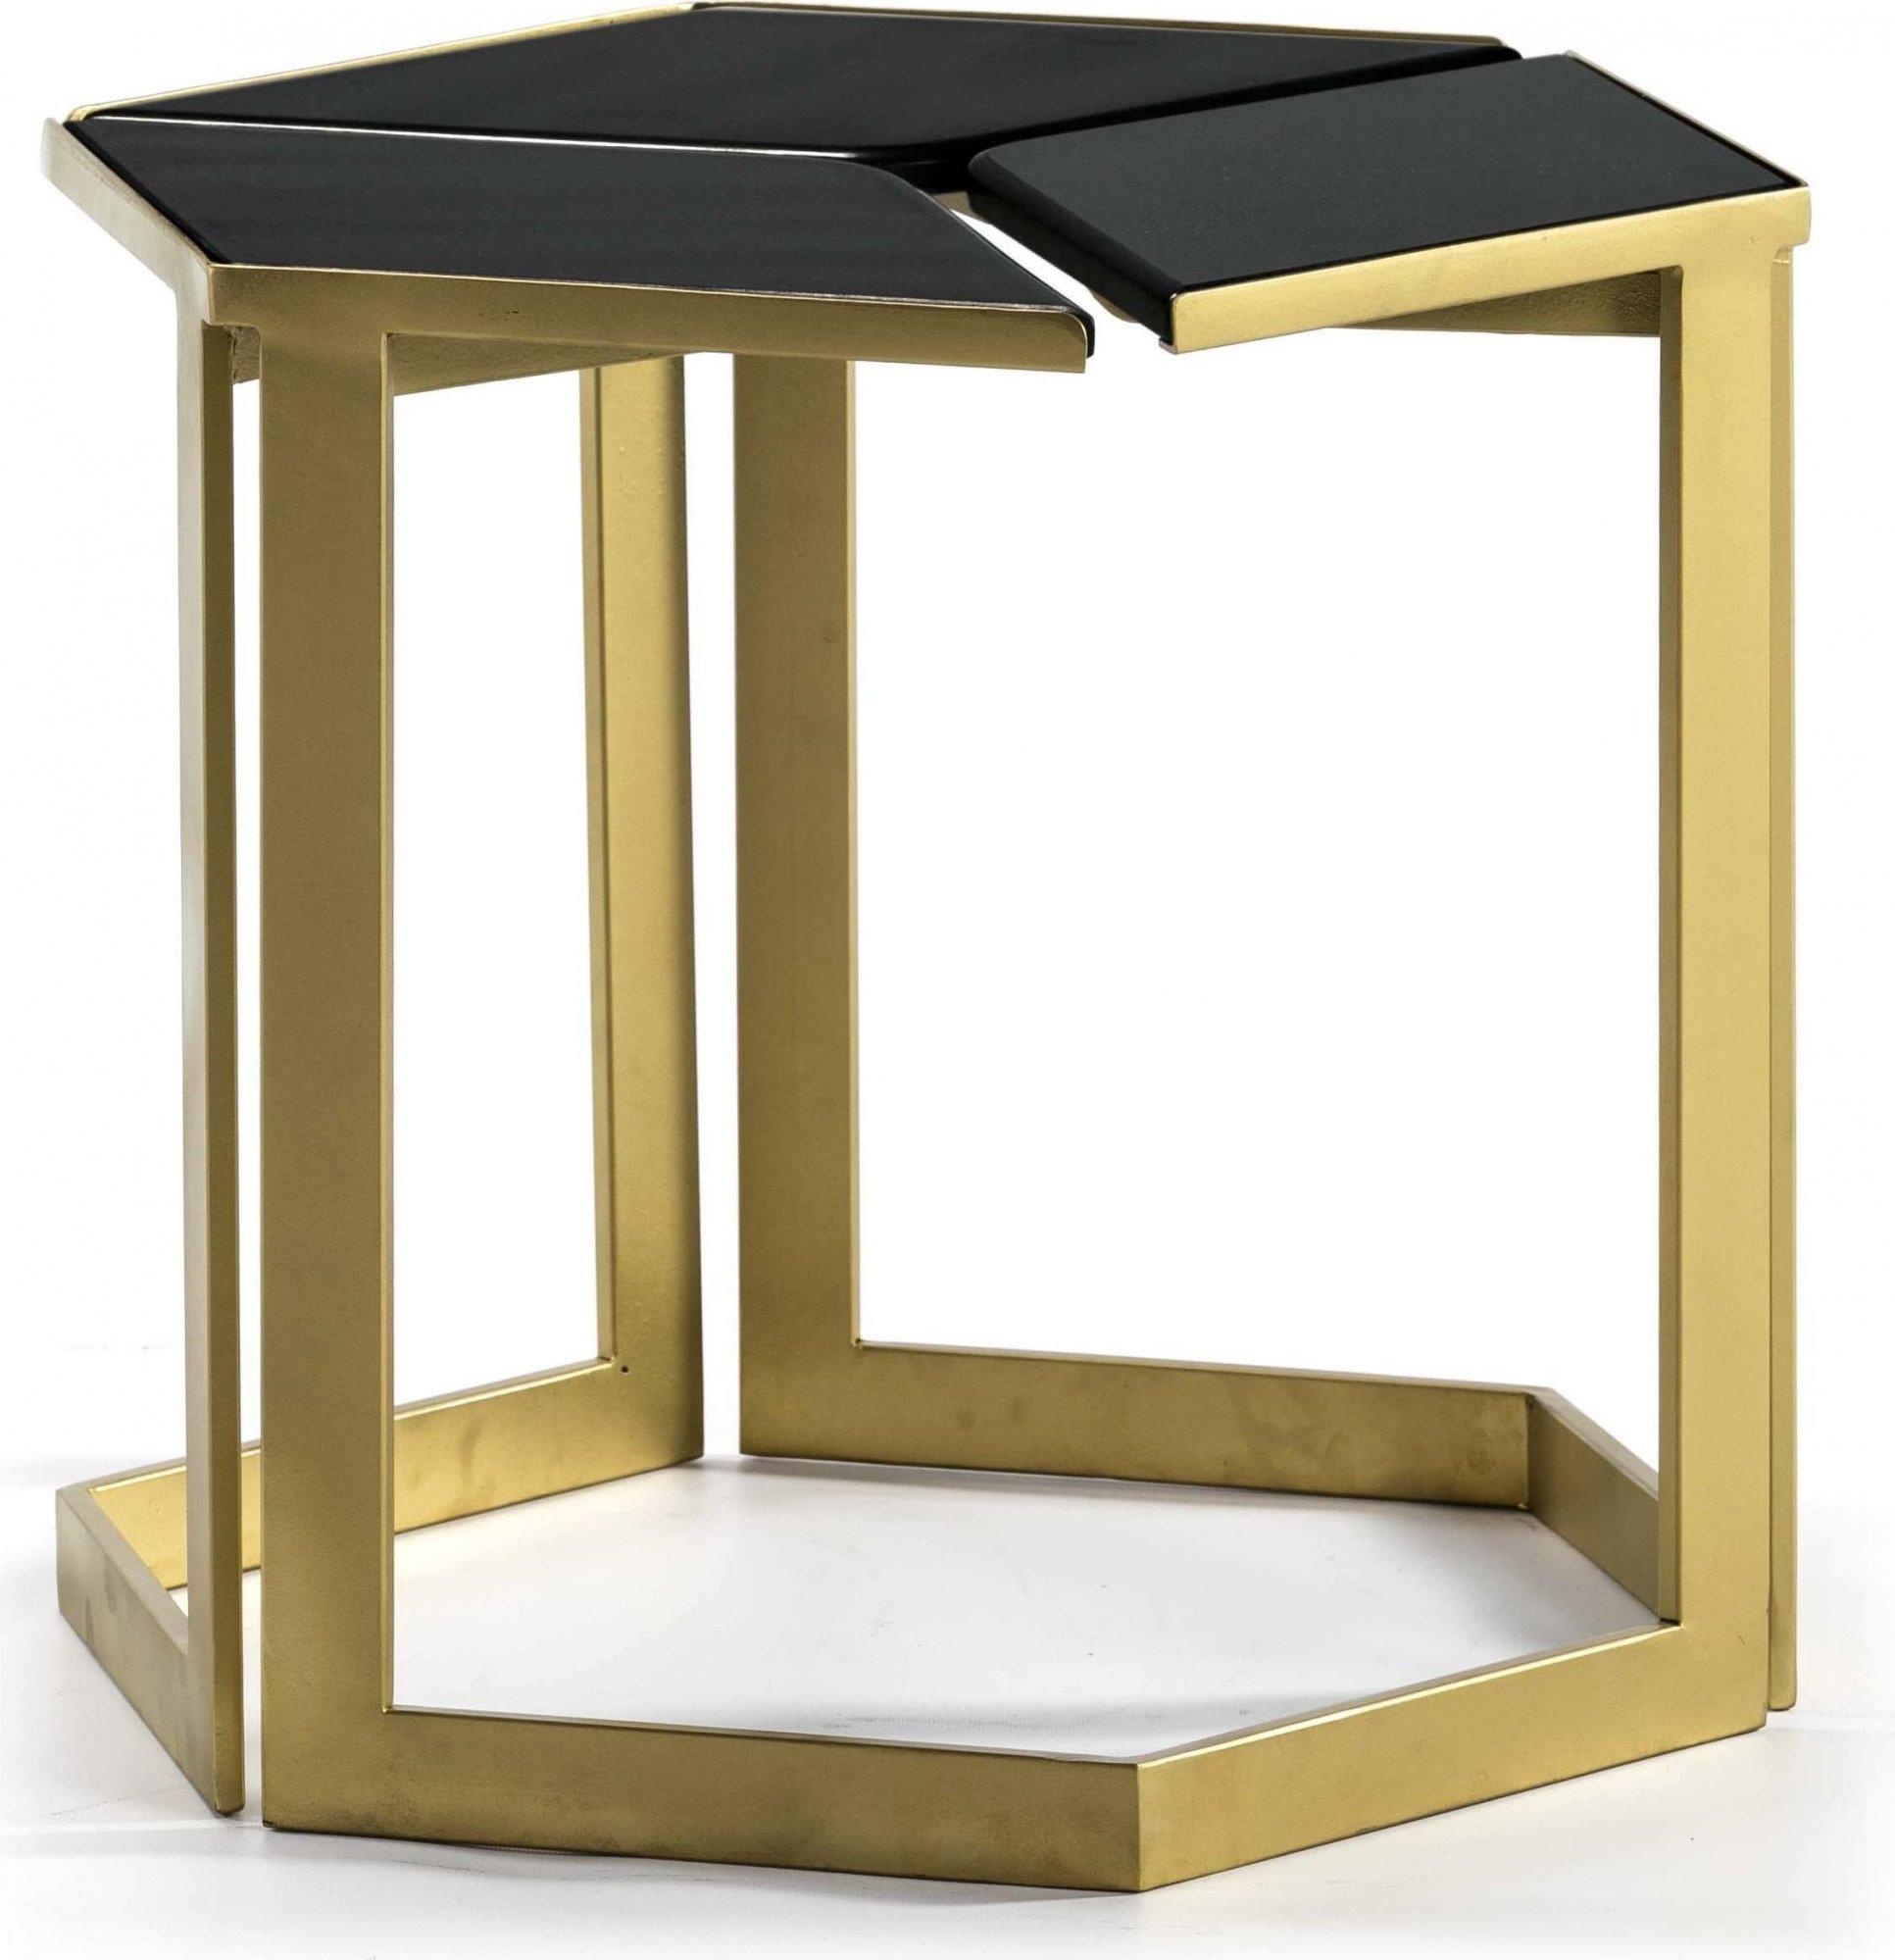 Table d'appoint plateau noir srtucture dorée l58cm